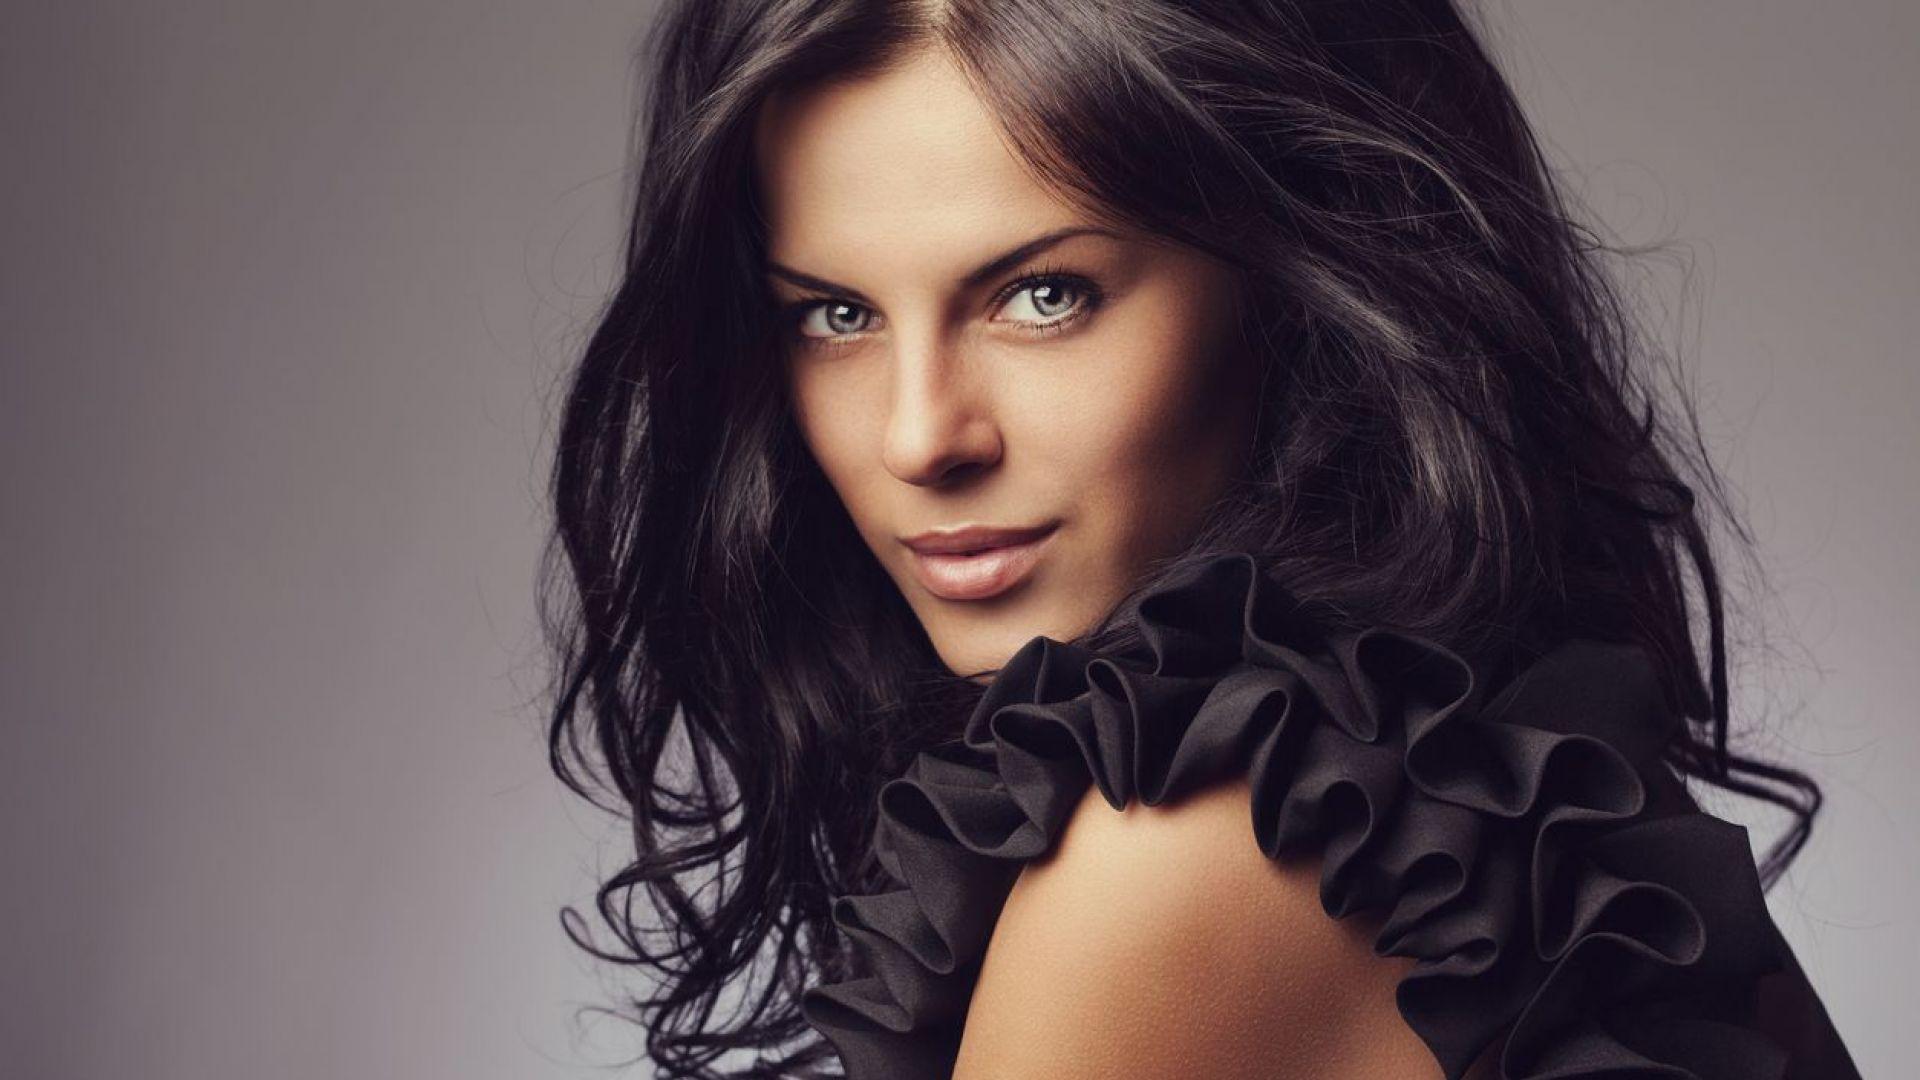 Най-привлекателни са хората със сиви очи